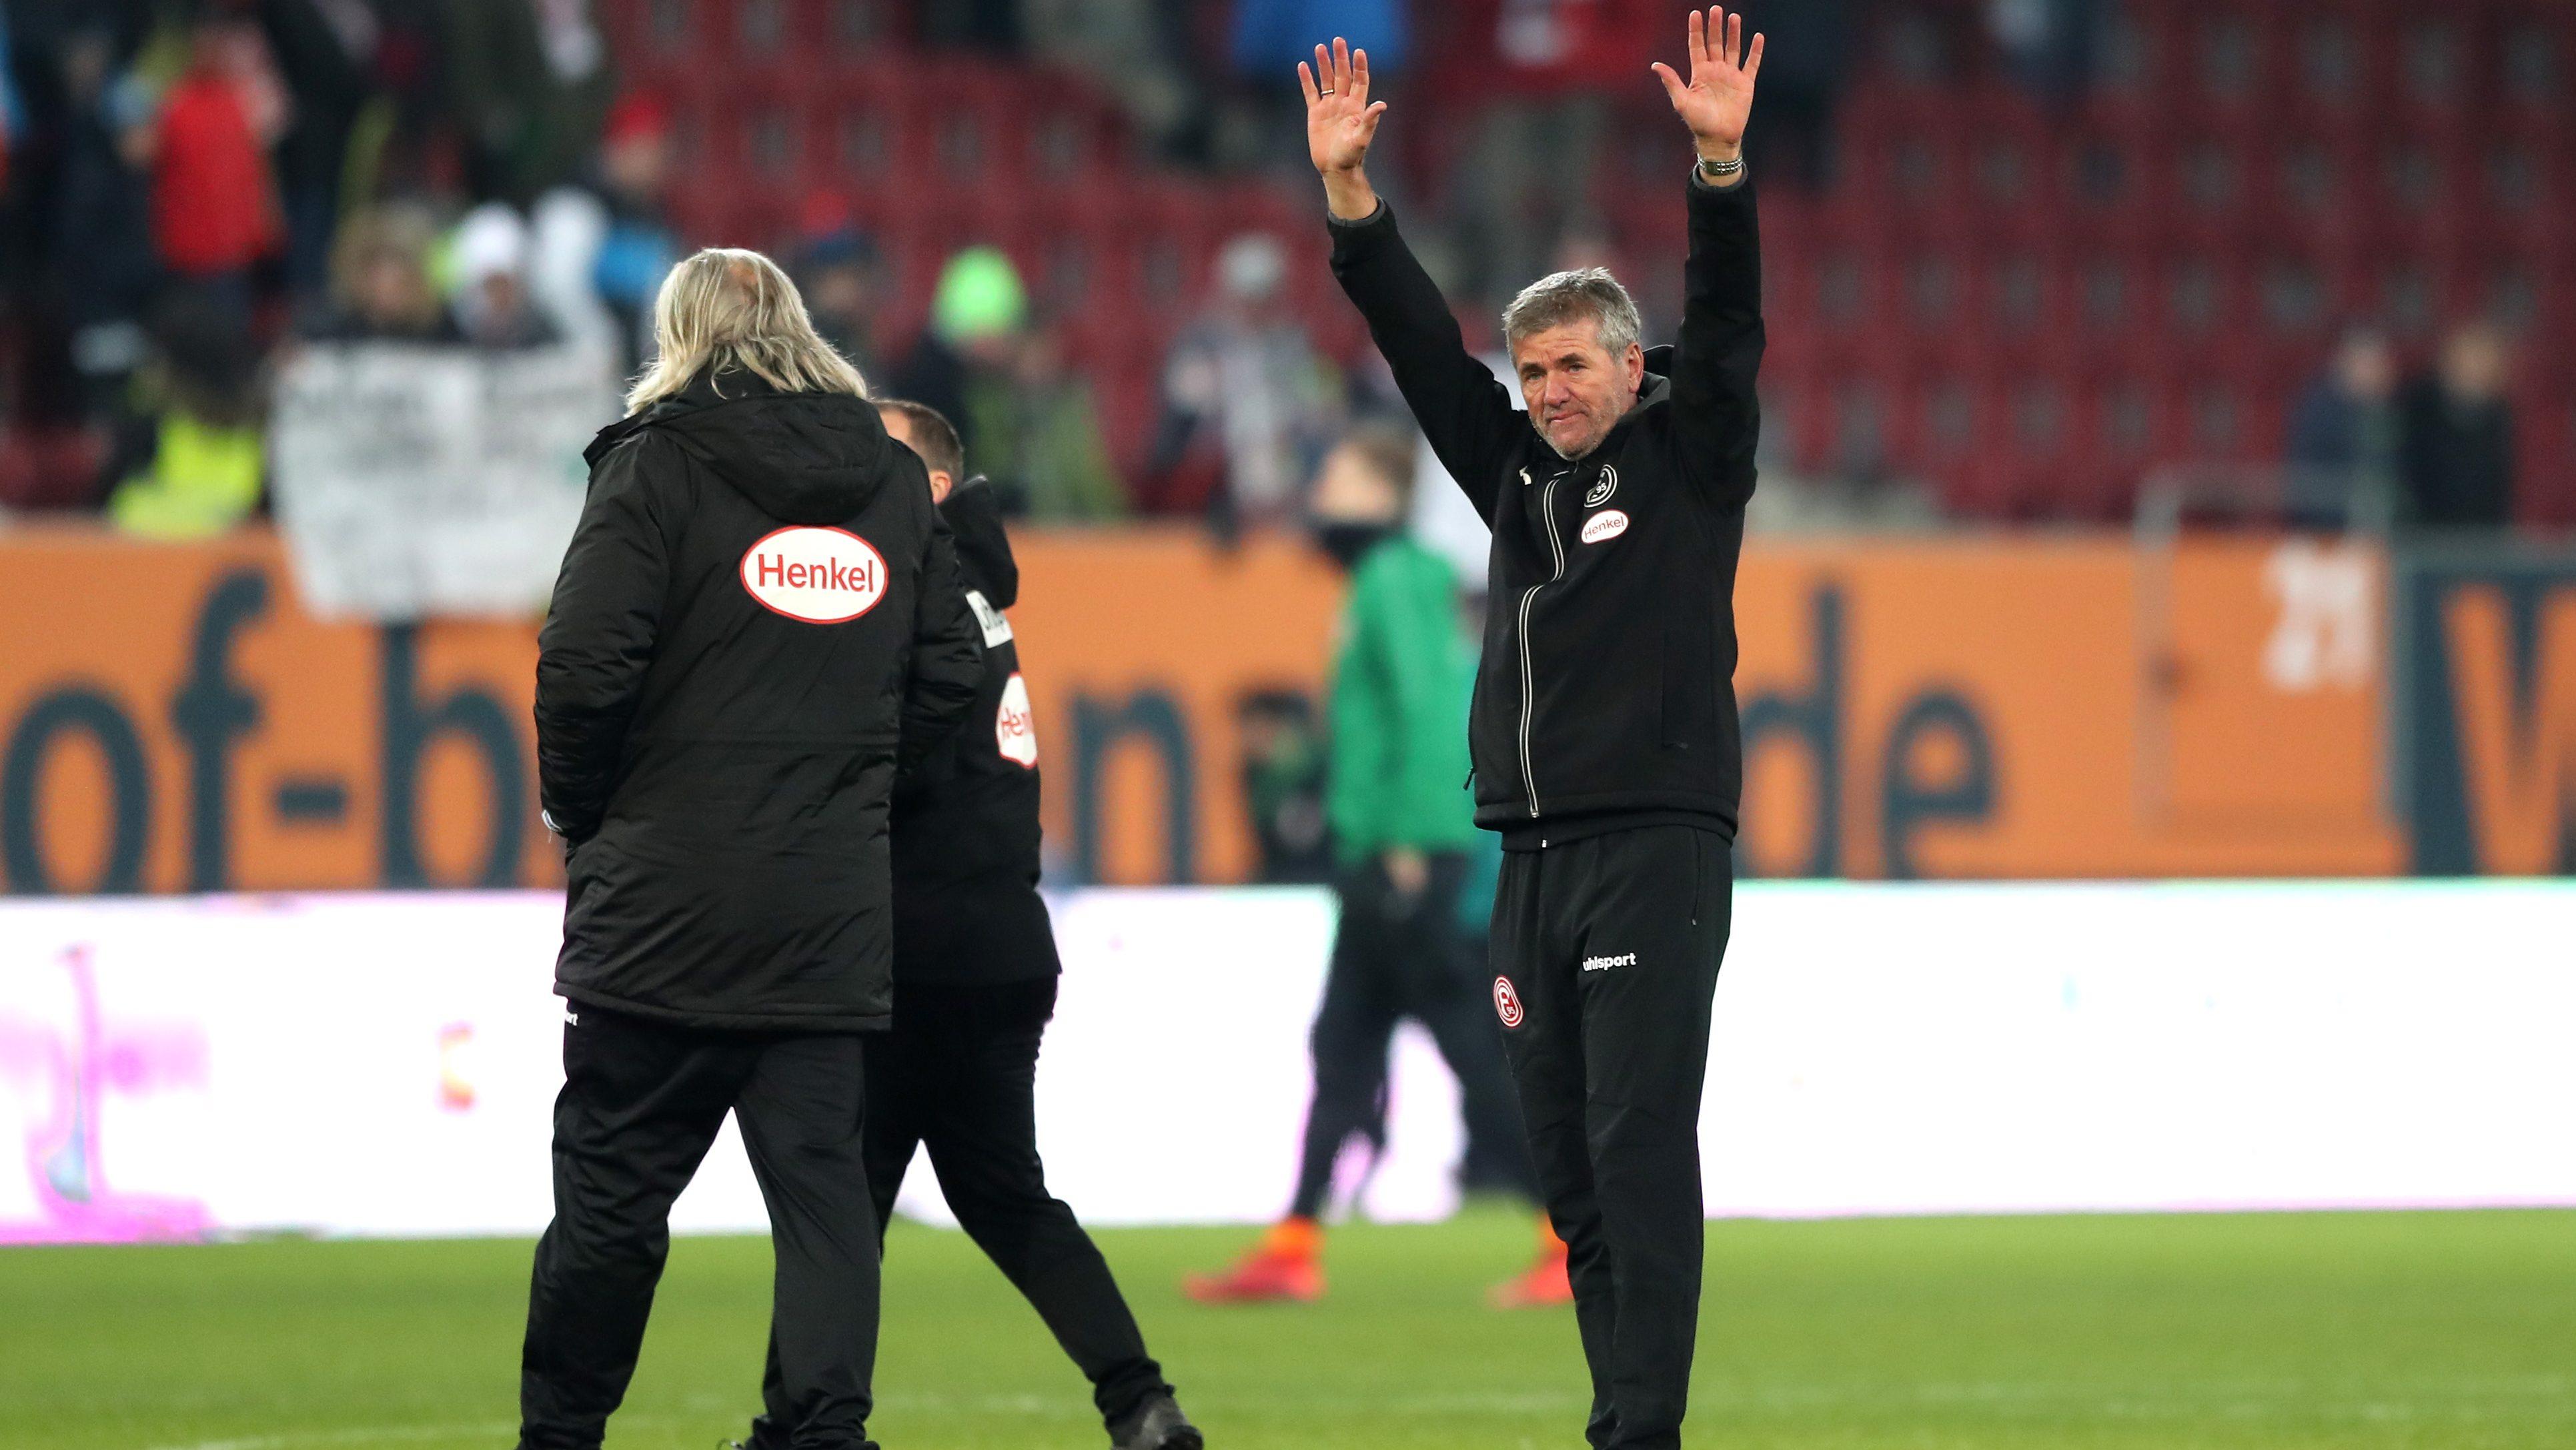 Düsseldorf und Funkel feiern ihre Siegesserie